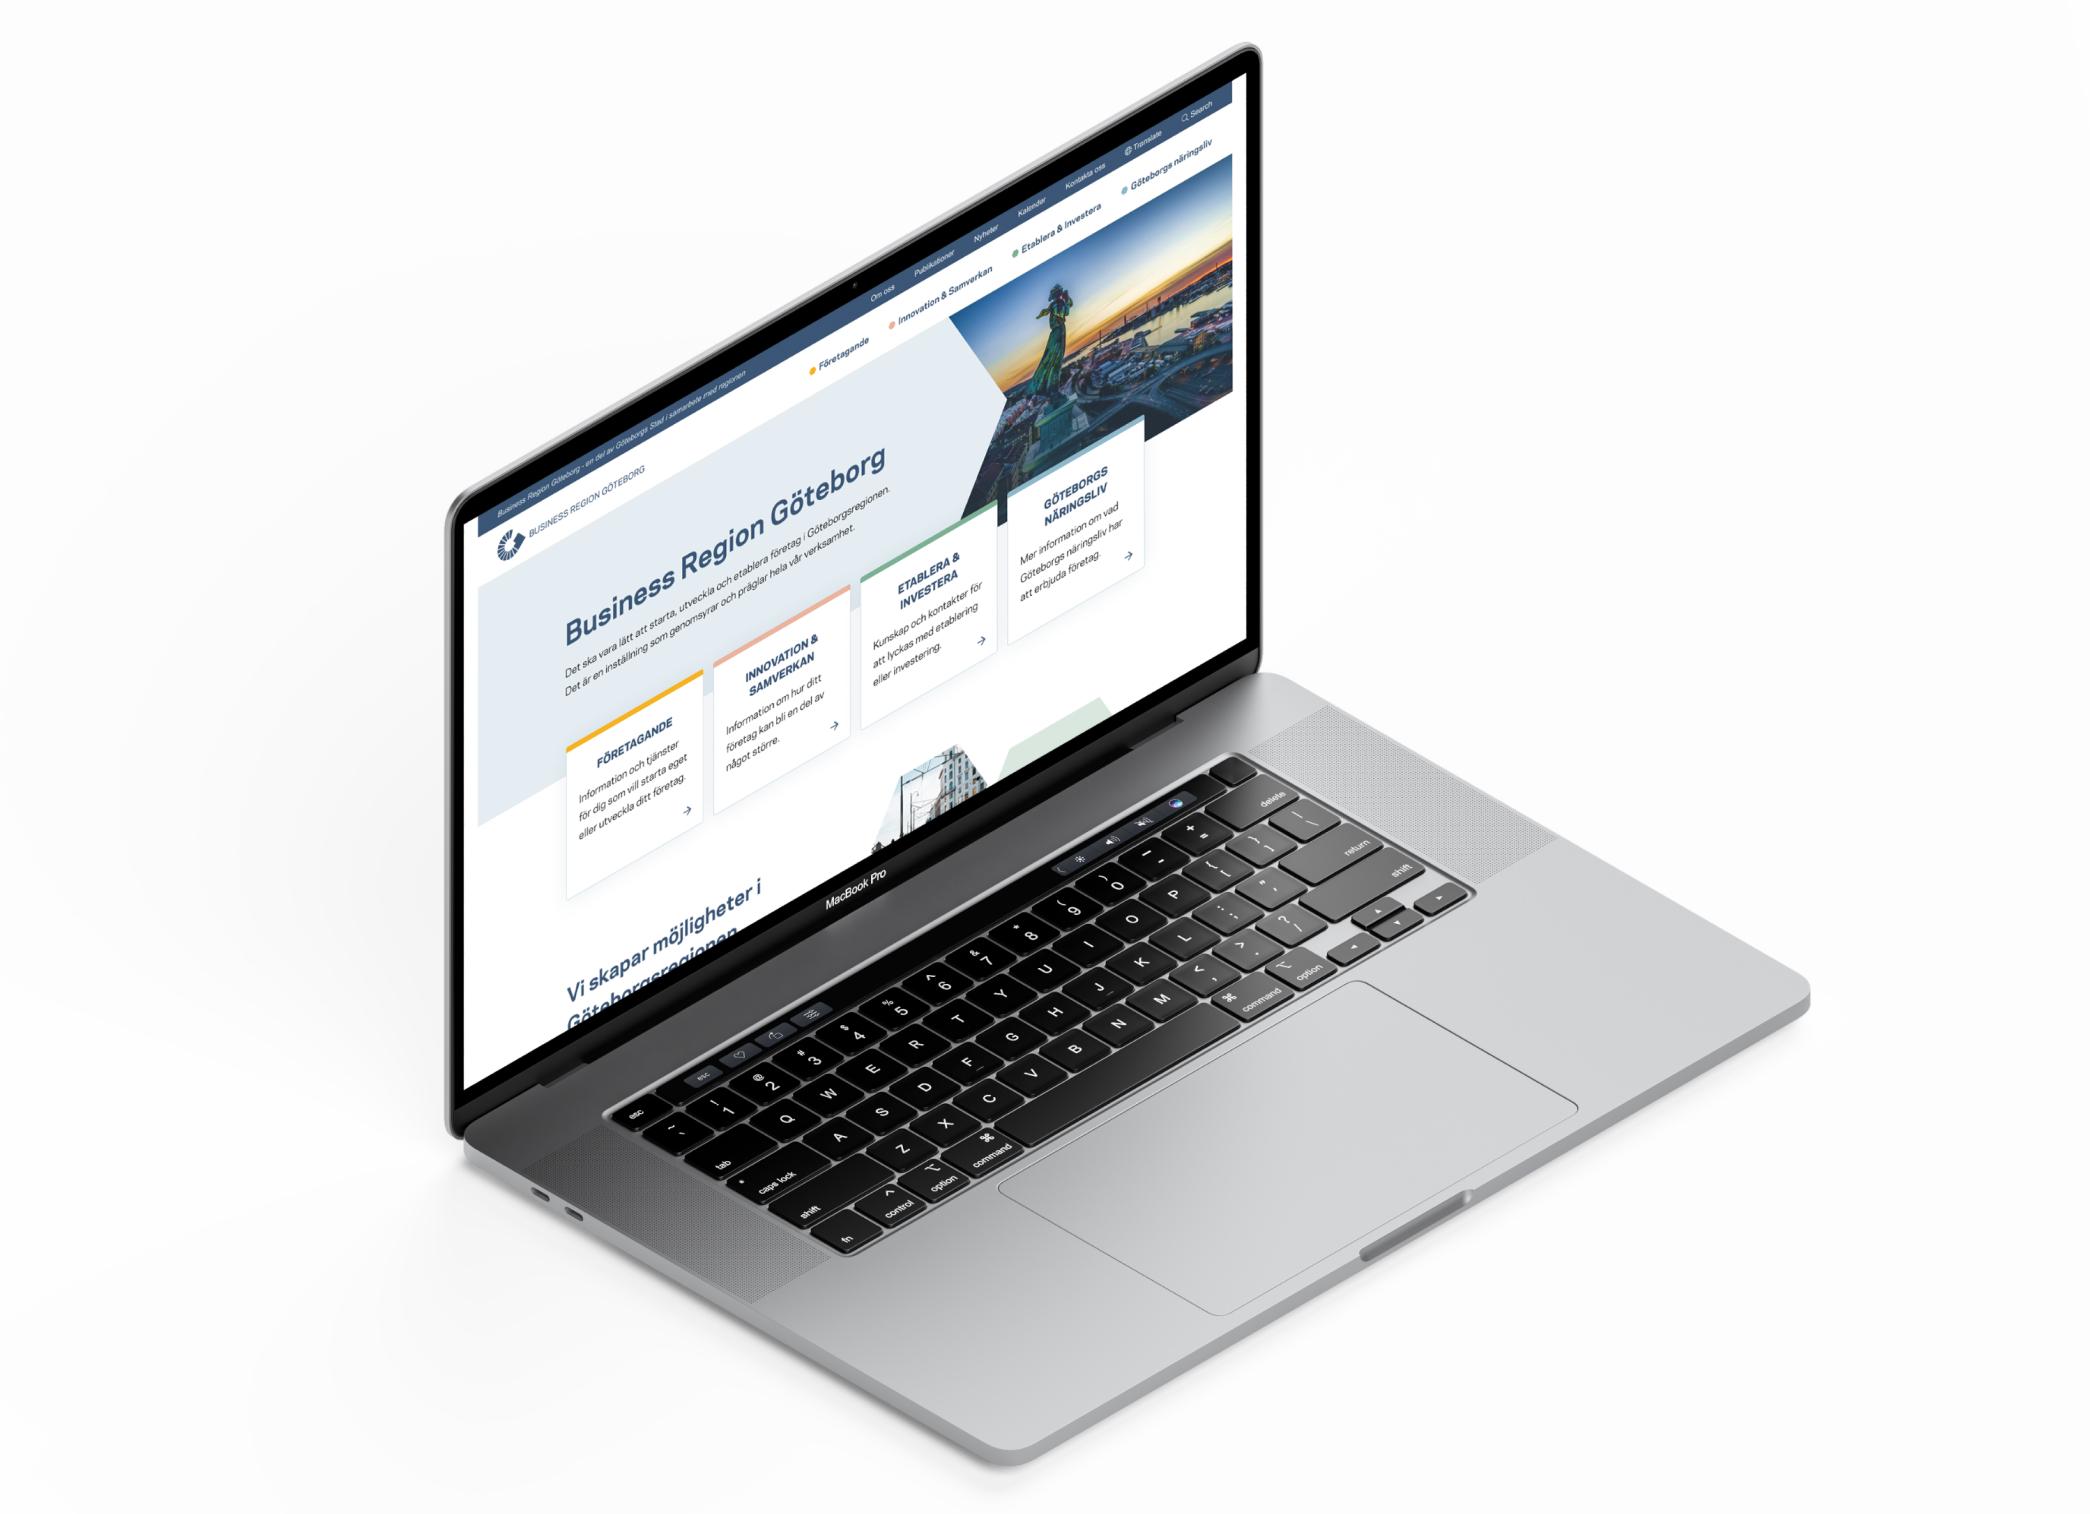 Laptop som visar upp Business regions Göteborgs nya startsida